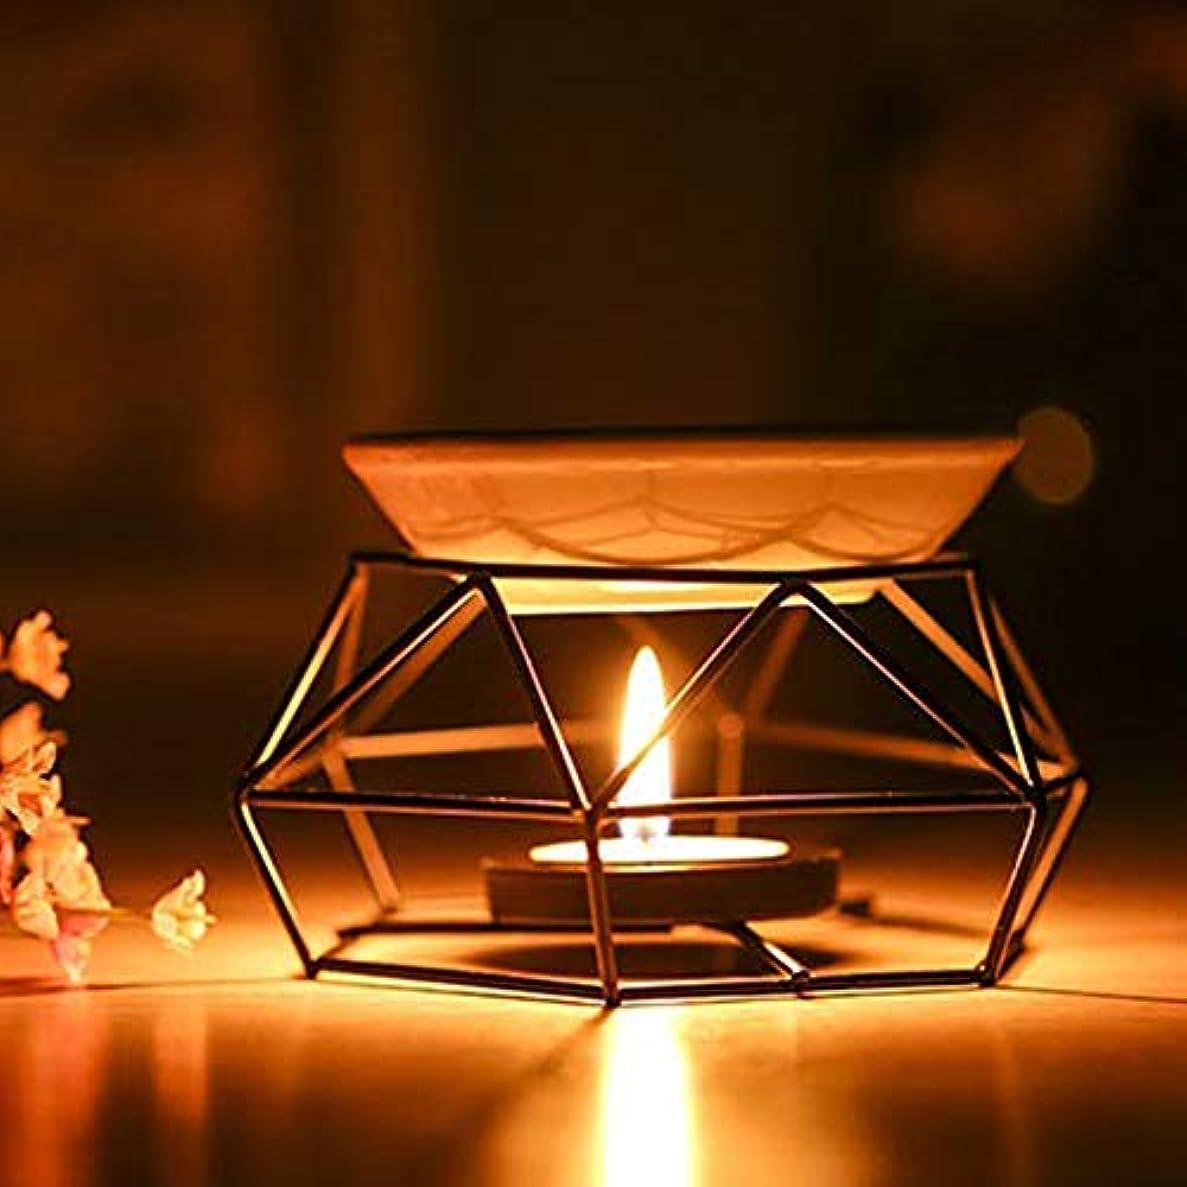 特性インカ帝国バスアロマディフューザーアロマセラピーアイロンホームデコレーションヨガキャンドル屋内工芸品オイルバーナーブラックギフトスパ